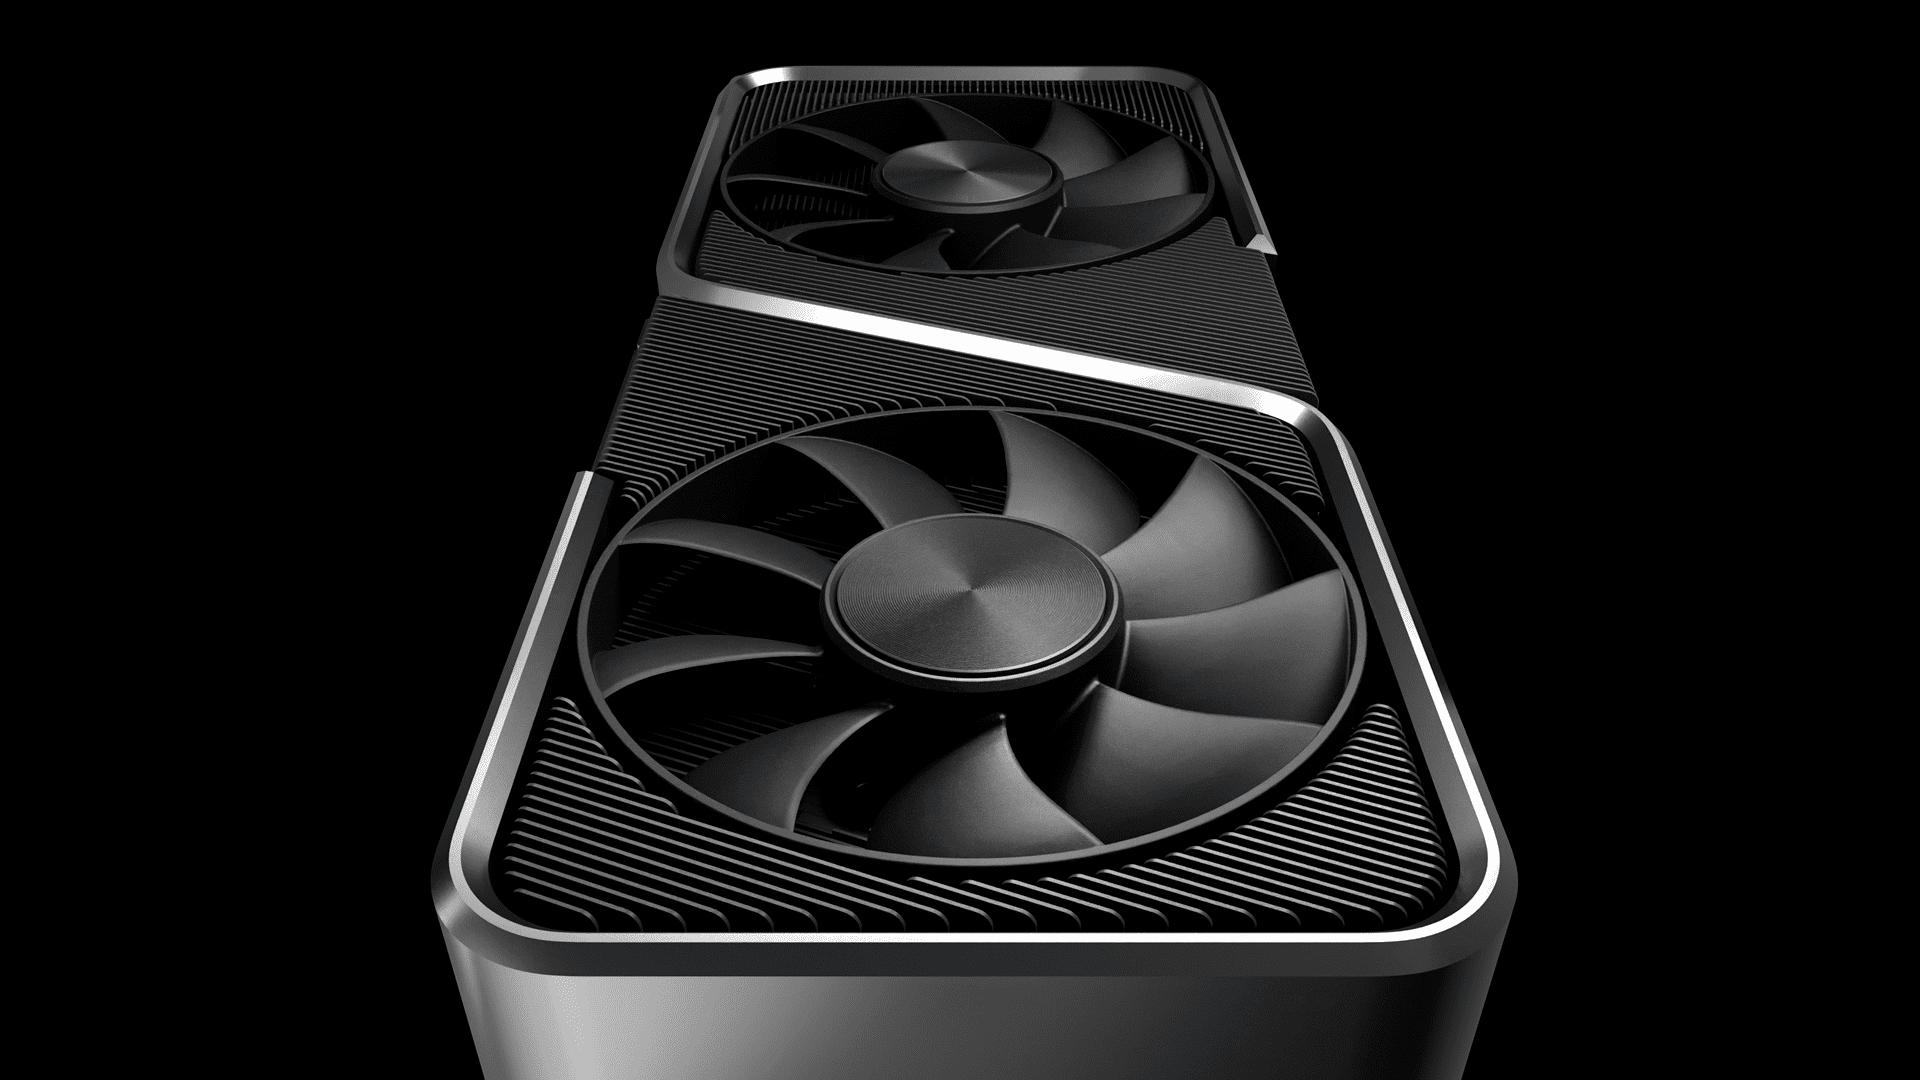 Placa de vídeo NVIDIA GeForce RTX 3070 na vertical em fundo preto.